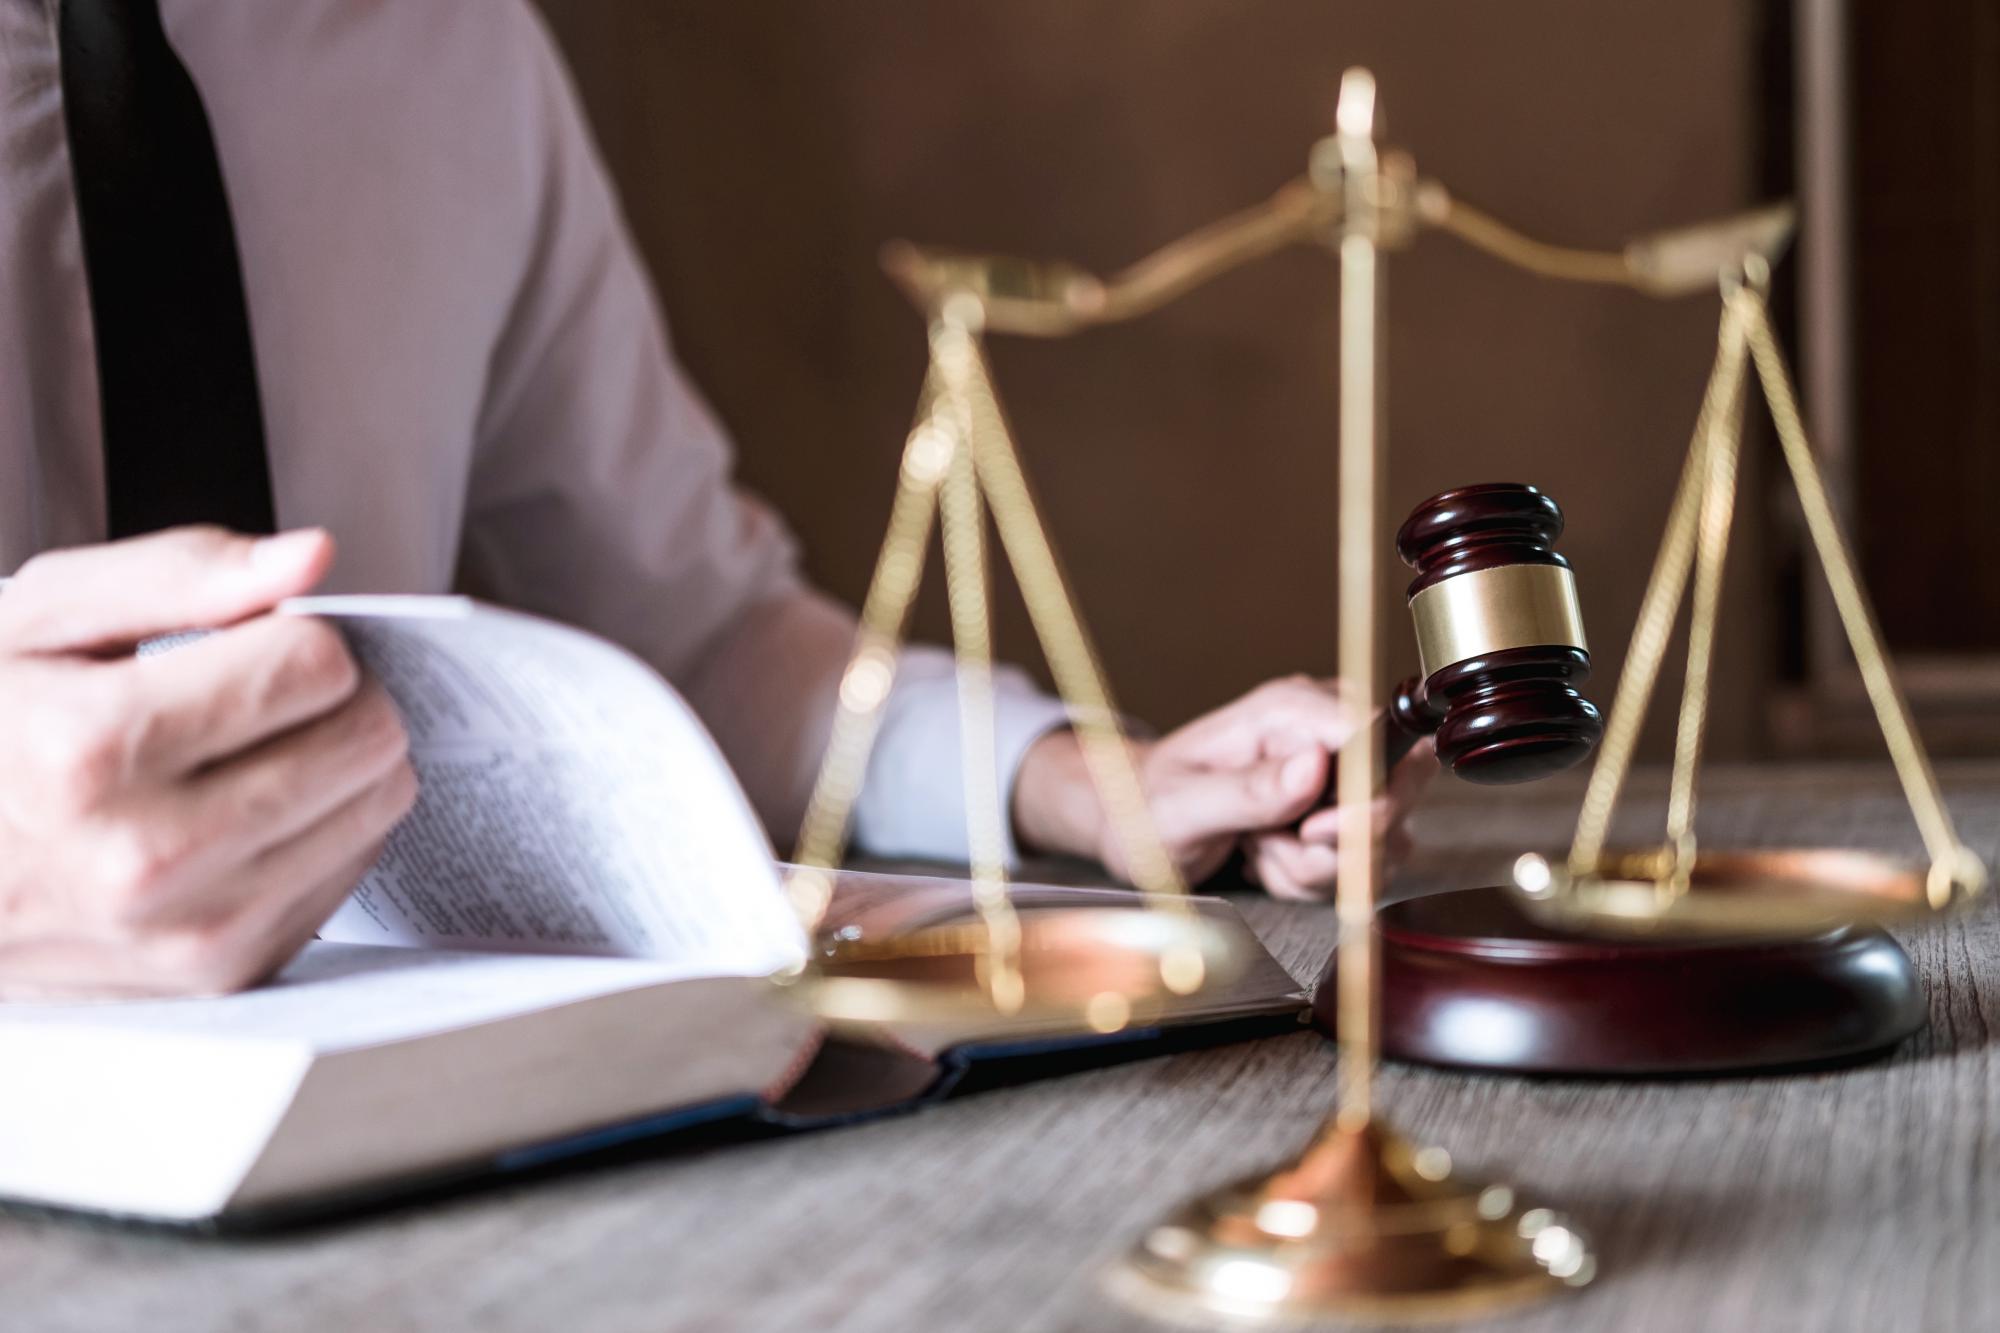 Госдума рассмотрела законопроект, предусматривающий изменения в АПК РФ